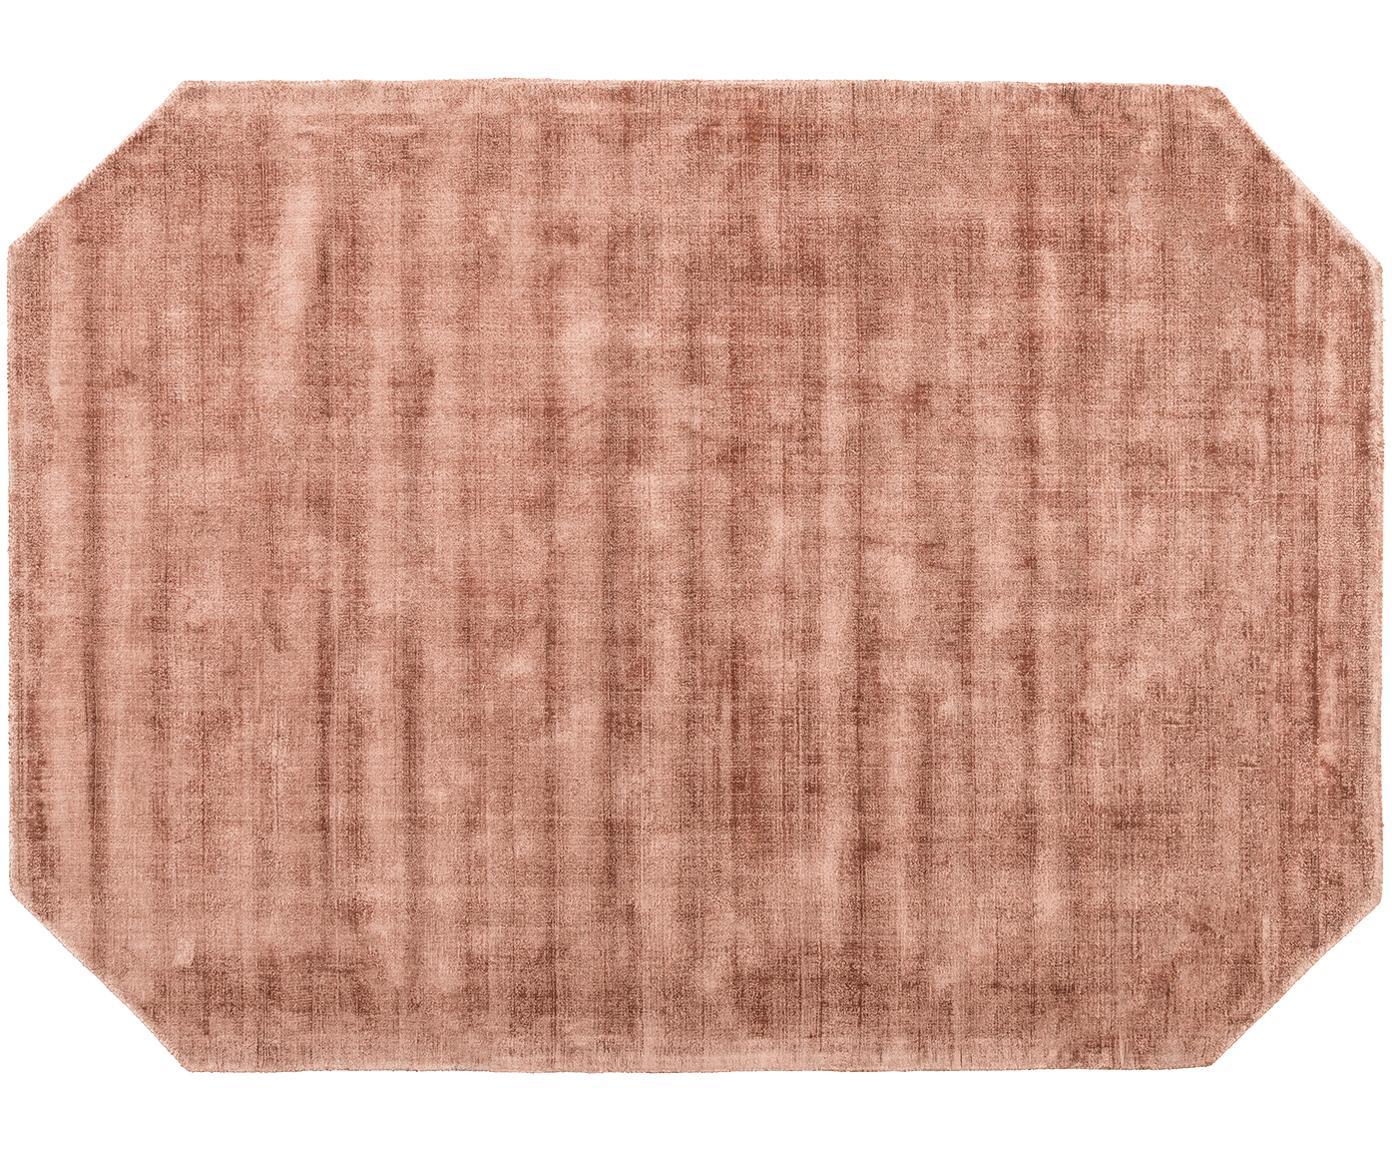 Viscose vloerkleed Jane Diamond, Bovenzijde: 100% viscose, Onderzijde: 100% katoen, Terracottakleurig, 160 x 230 cm